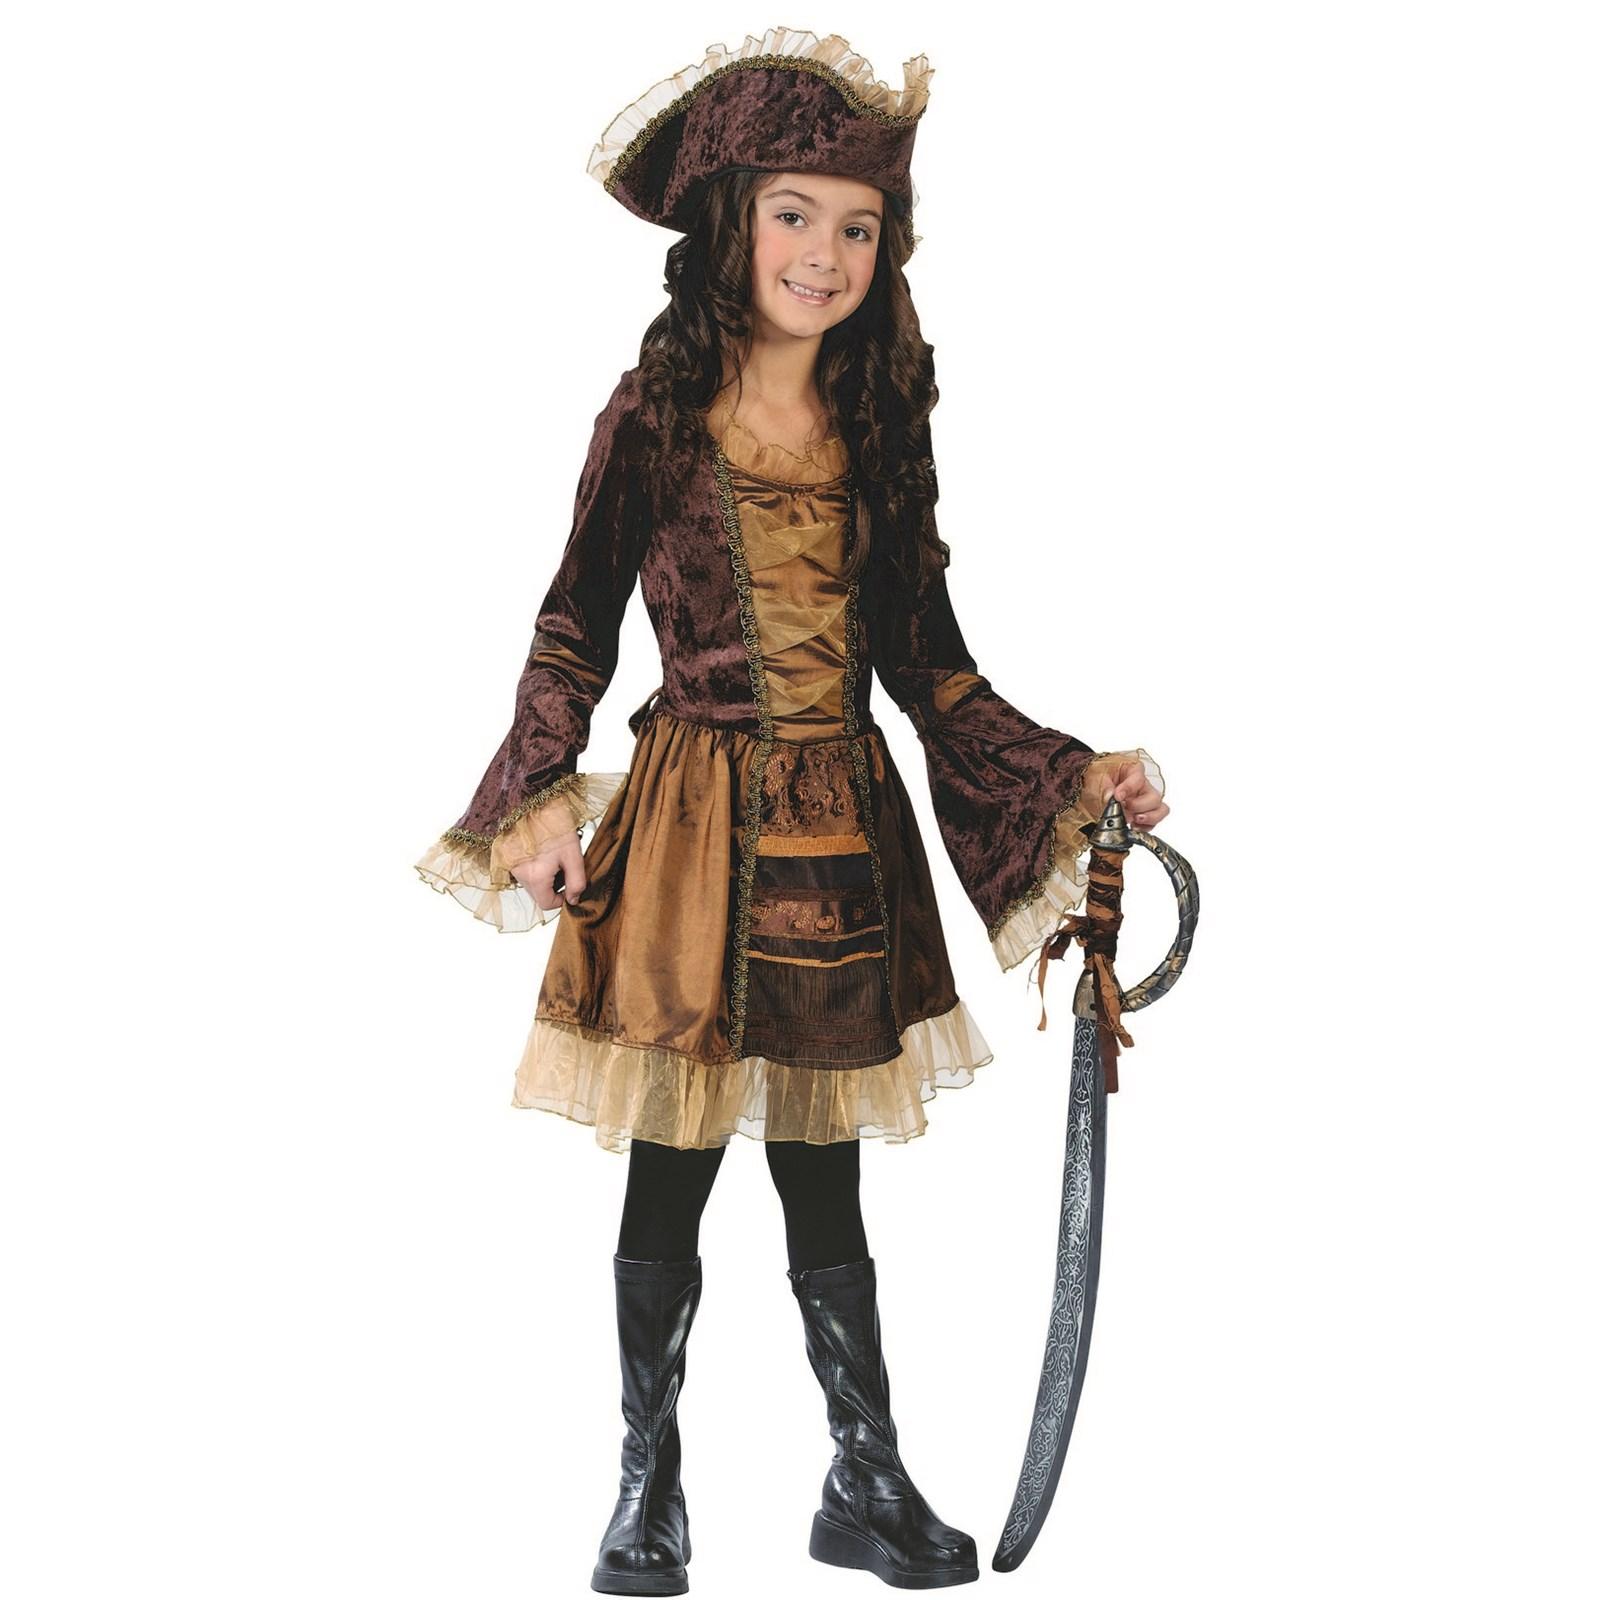 Girls Sassy Victorian Pirate Halloween Costume